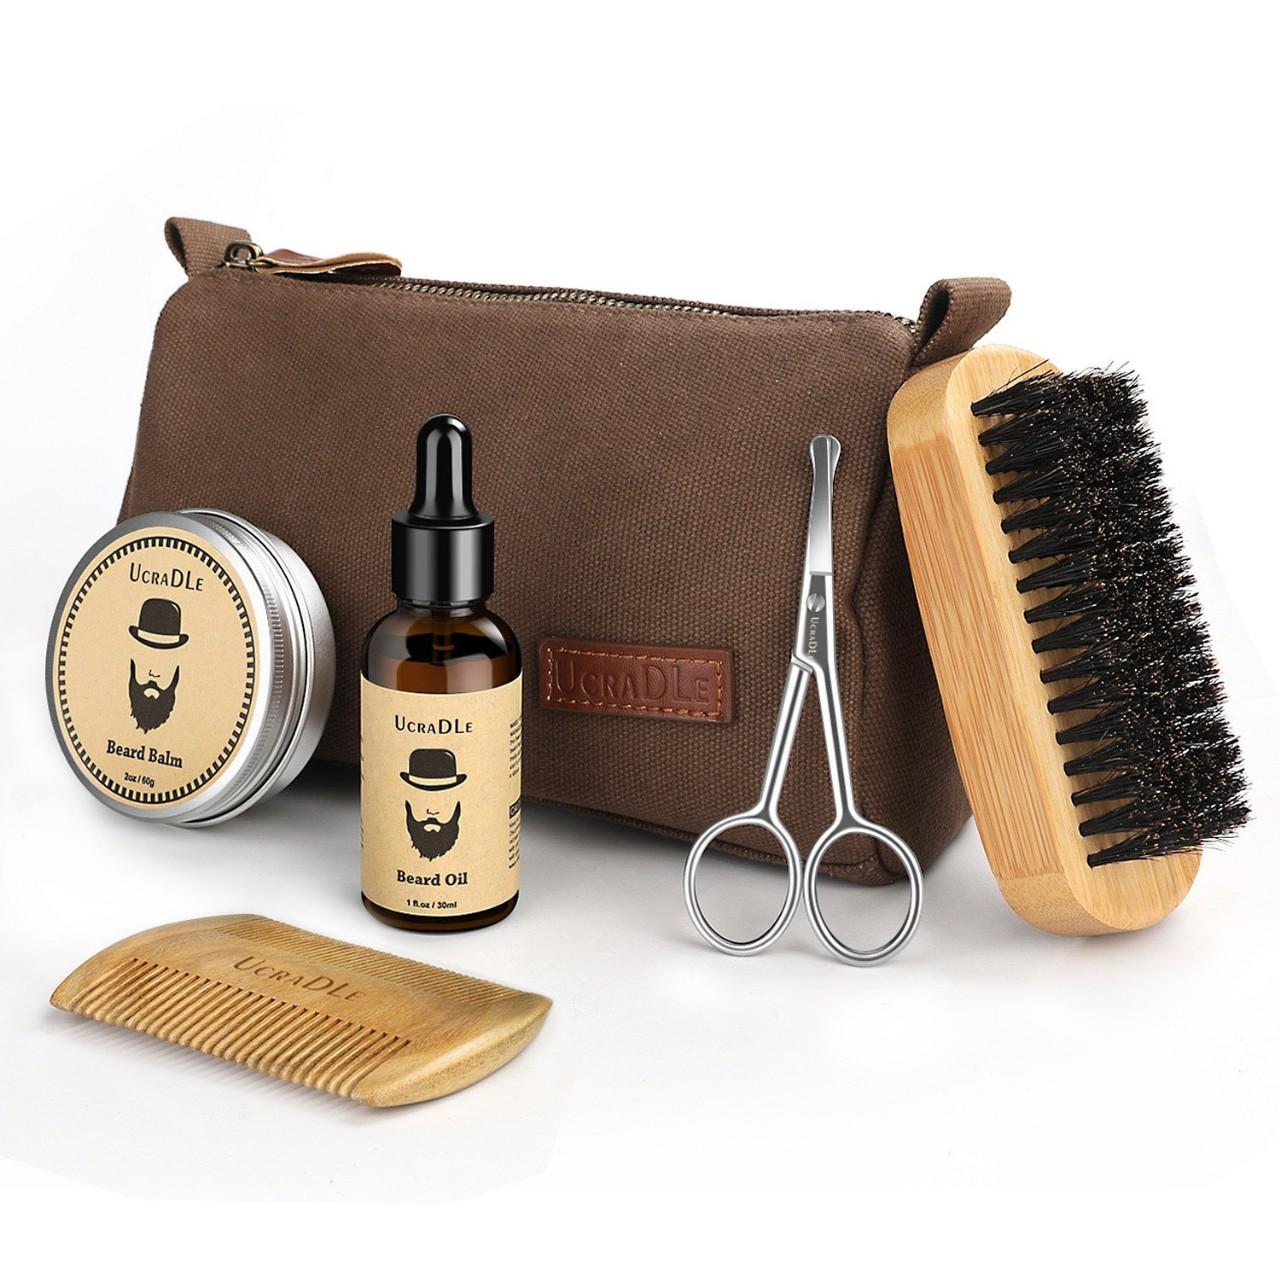 Beard Grooming & Trimming Kit - 6 Mustache Care Set for Men Care   Beard Oil   Mustache Beard Balm